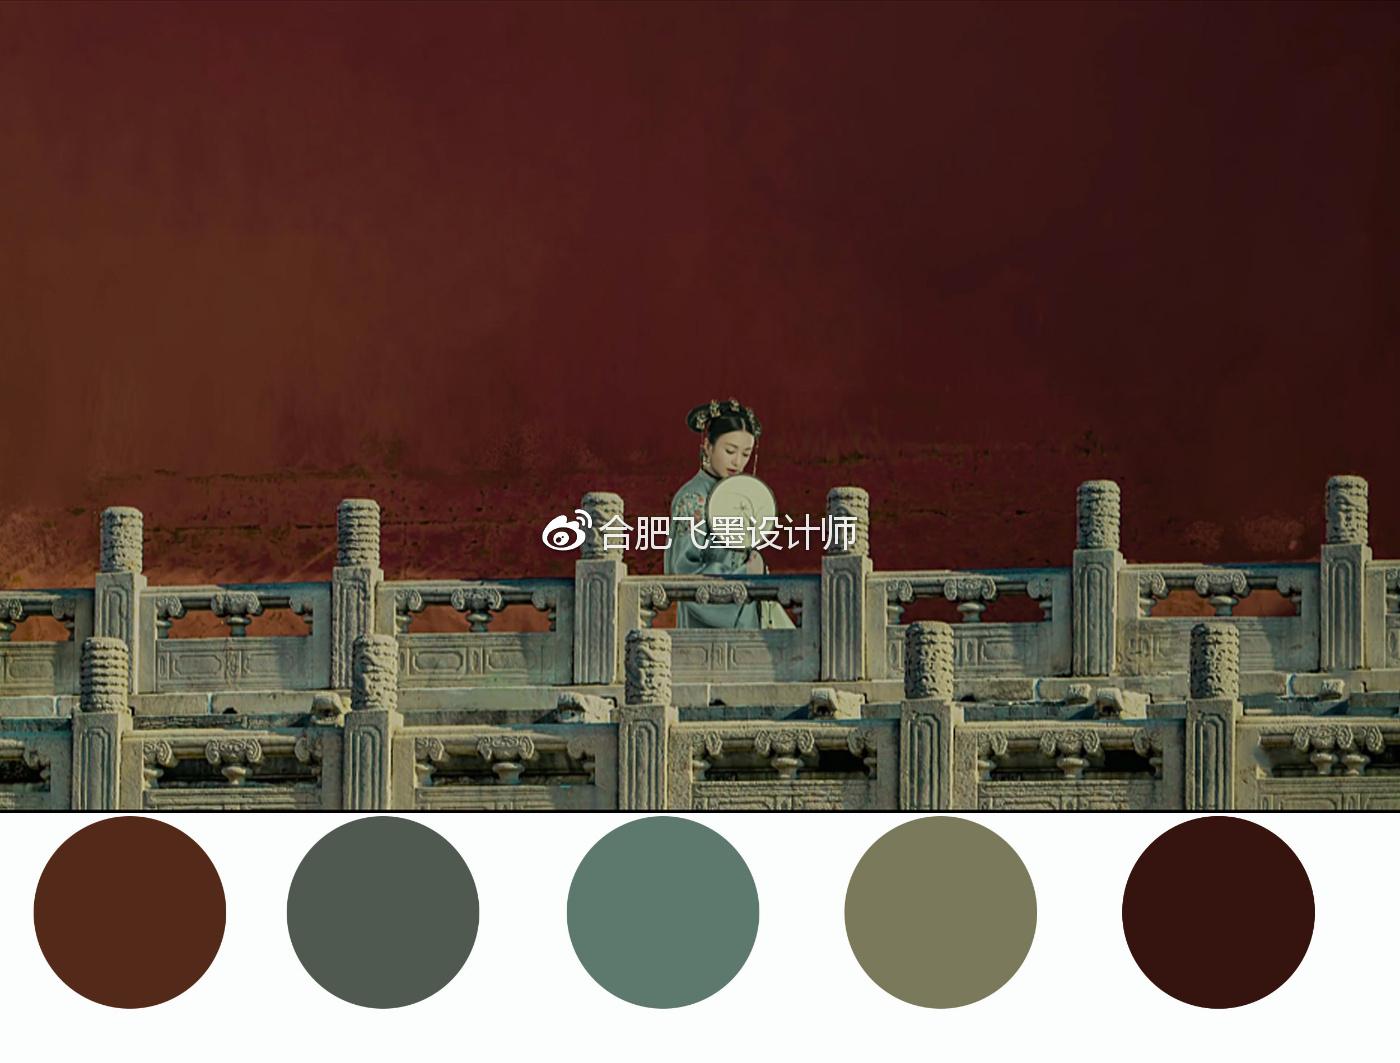 延禧攻略莫兰迪攻略让人沦陷,其实还有惊人的色调游戏水浒传世嘉图片